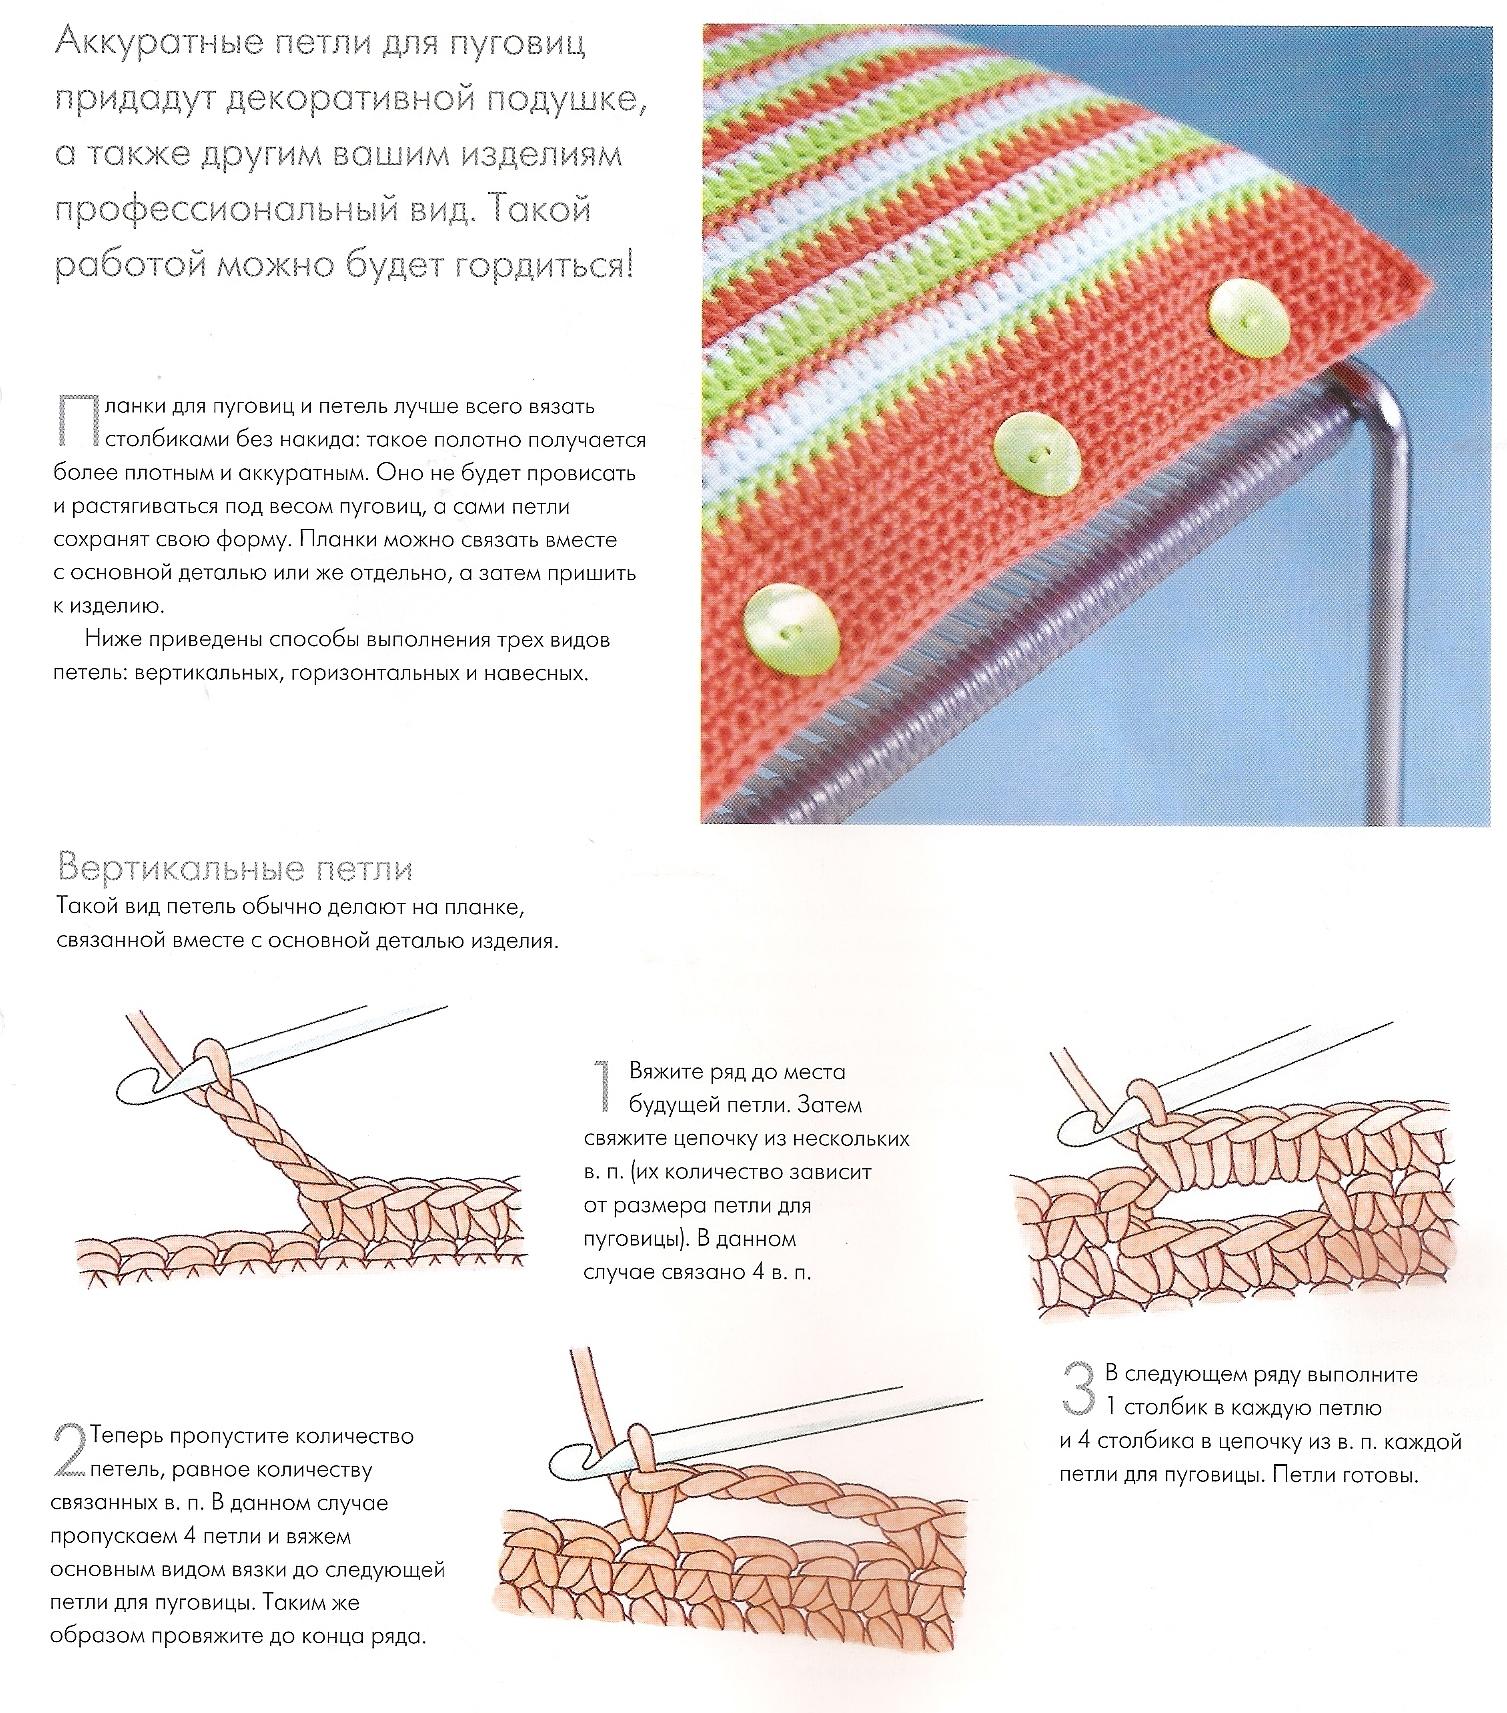 Как связать петли для пуговиц спицами 8